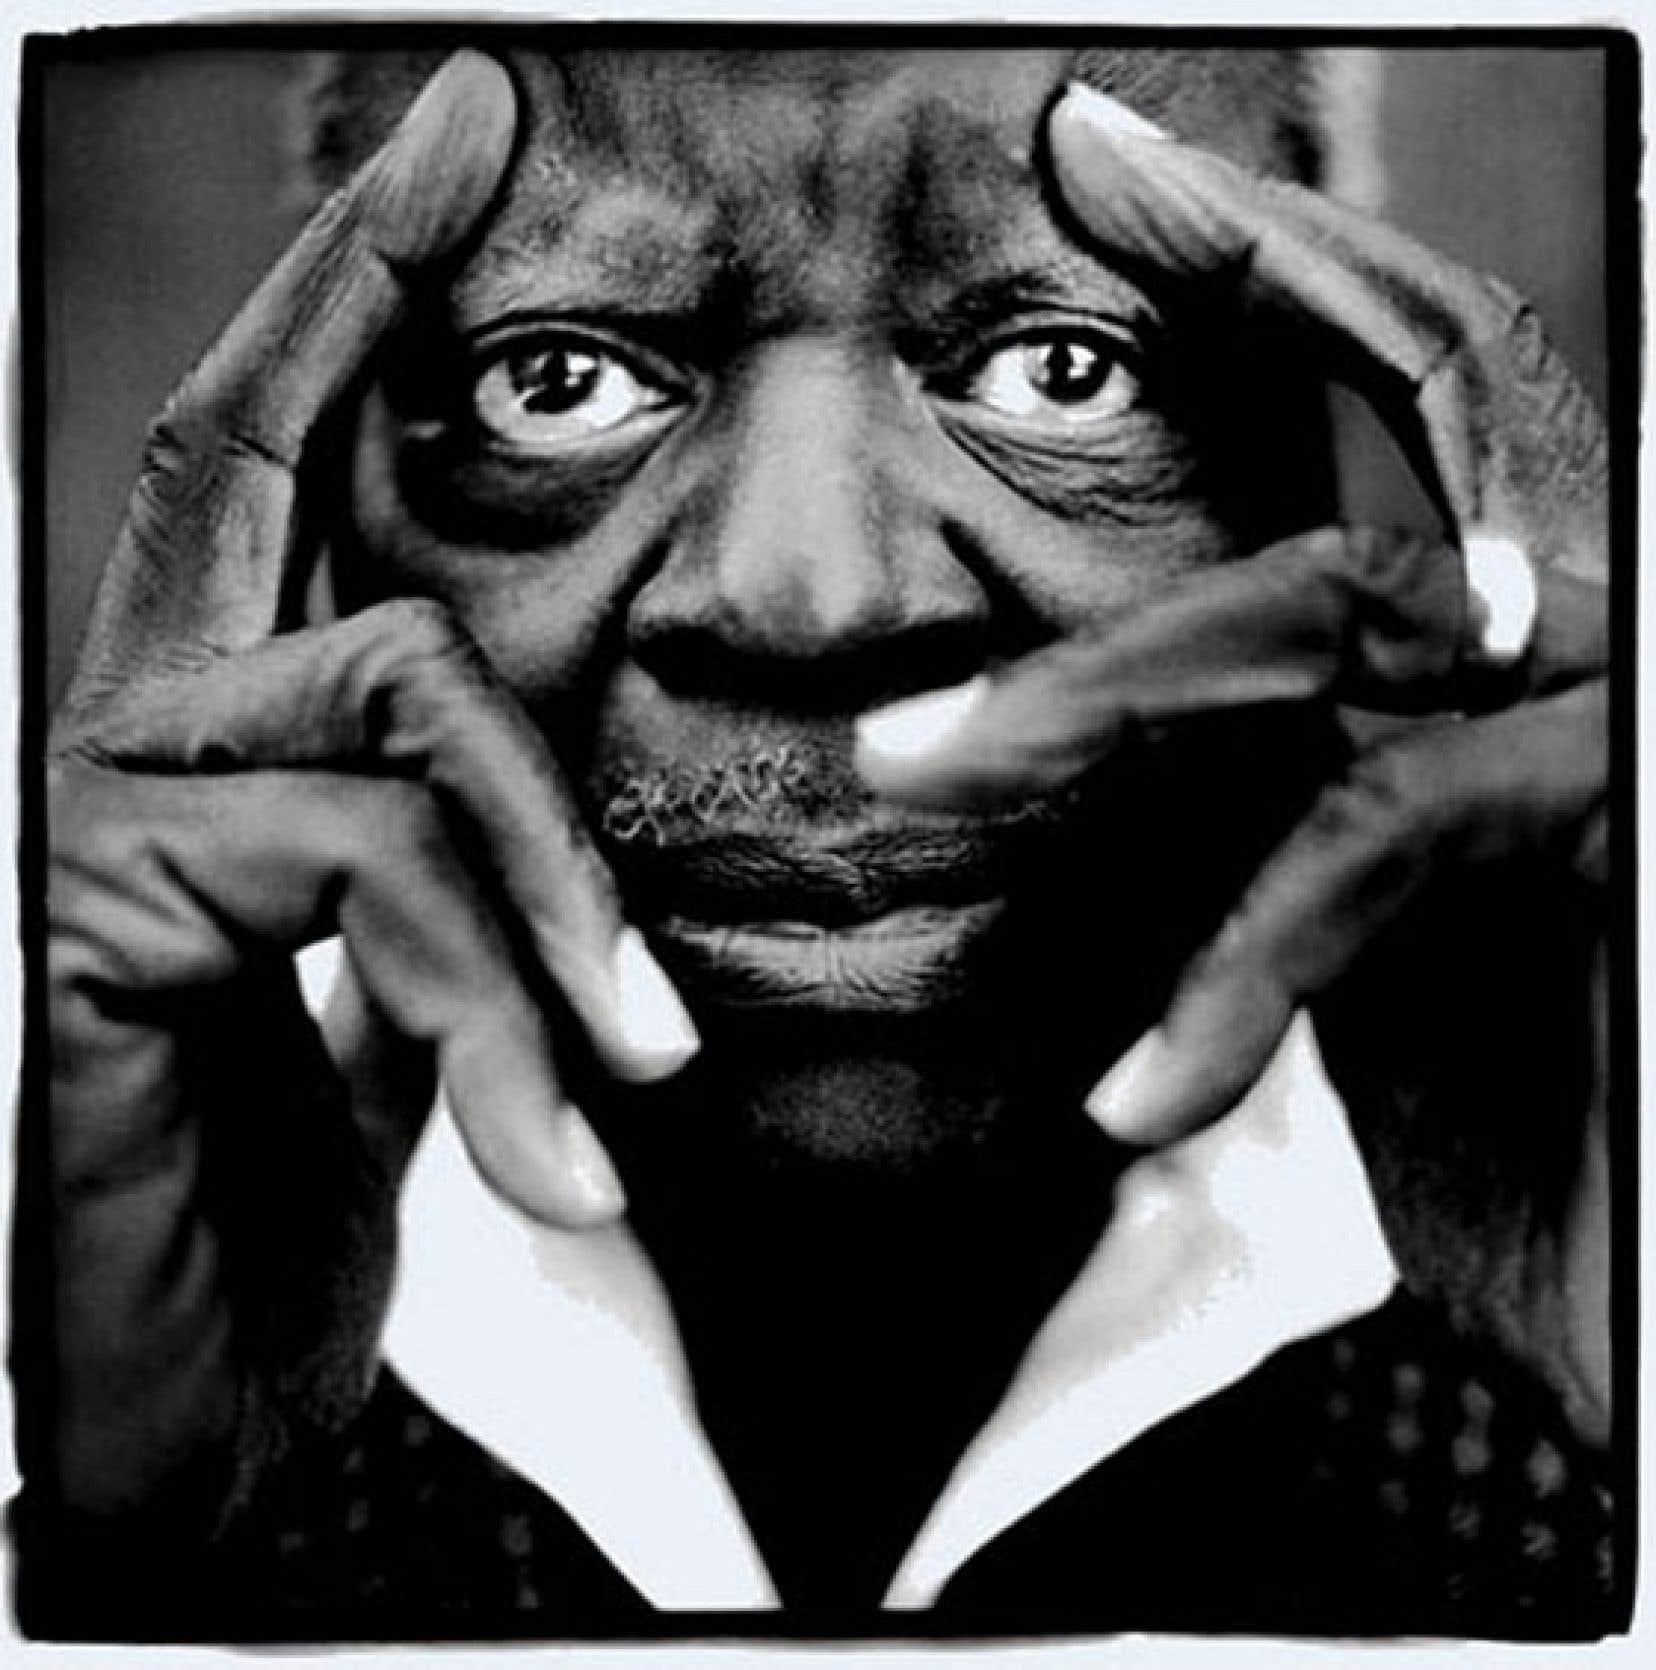 Le photographe franco-québécois était connu pour ses portraits en noir et blanc des visages du jazz, dont Oscar Peterson.